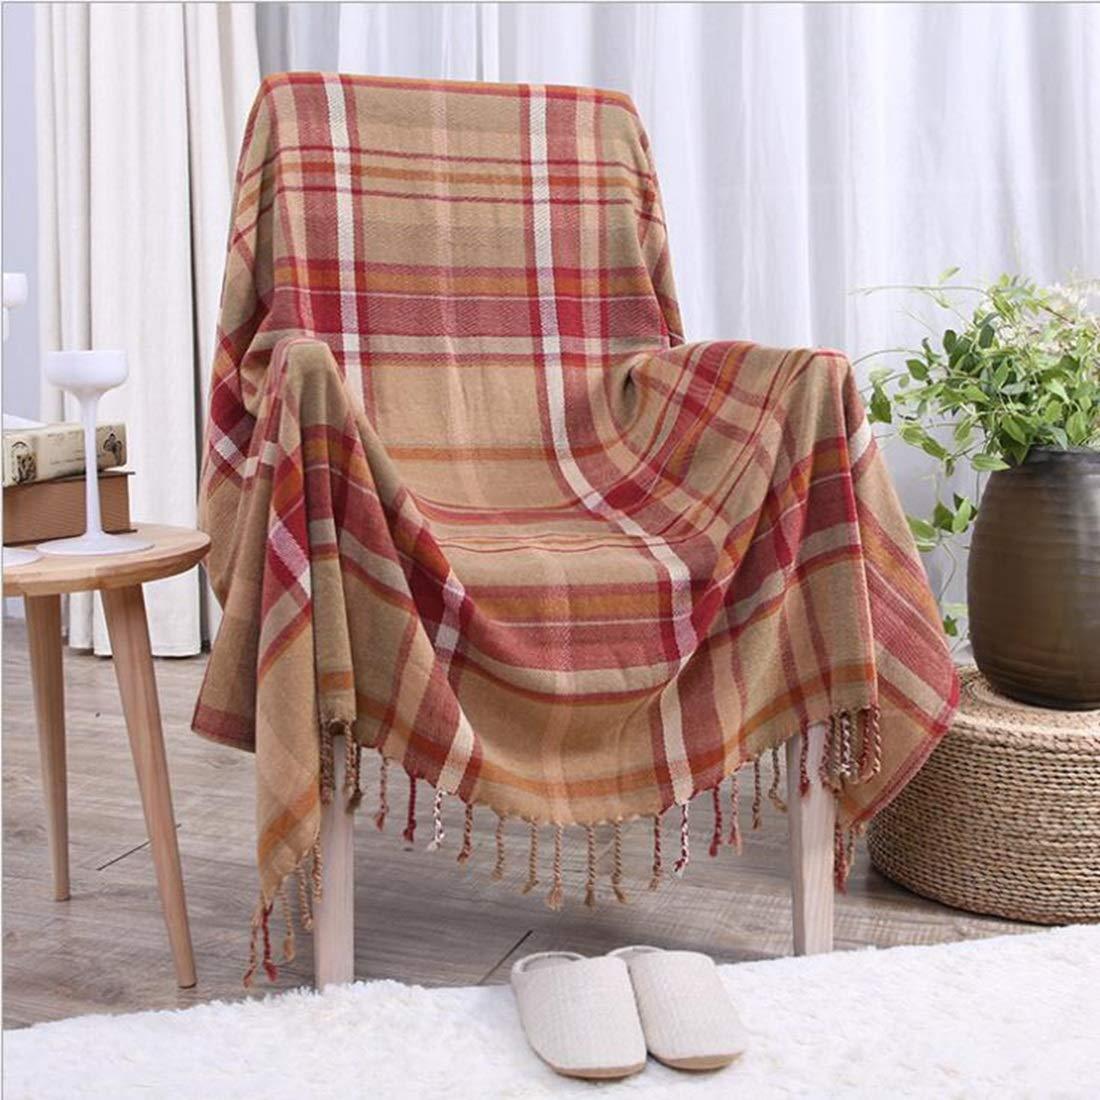 影寳服装店 シェニールソファの家具のための装飾フリンジ軽量カバーとのスローベッド家具グレーのギフトブランケット (色 : 2, サイズ : 59